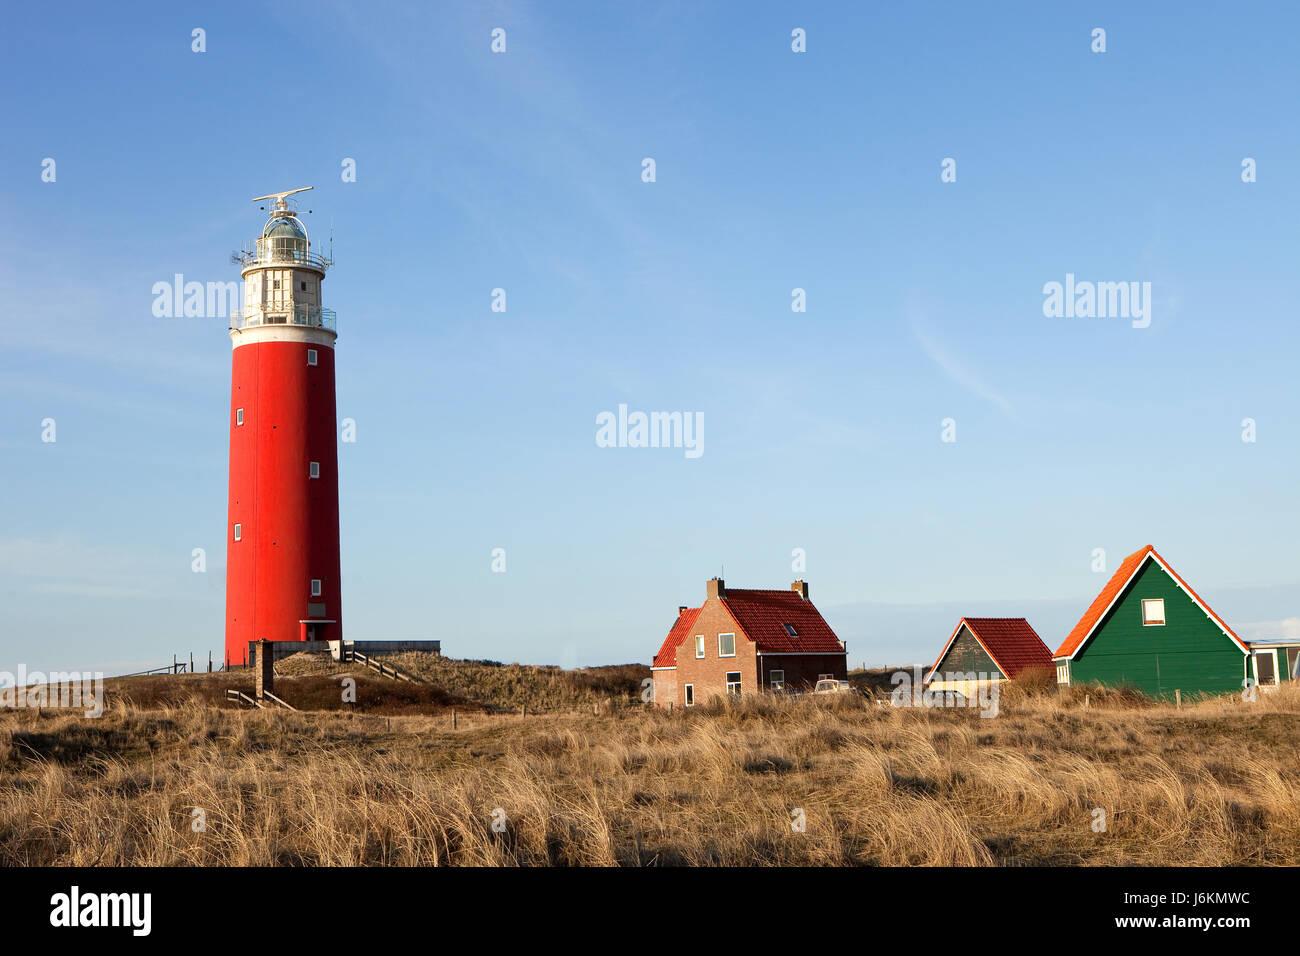 house building navy holland firmament sky lighthouse isle island blue house Stock Photo